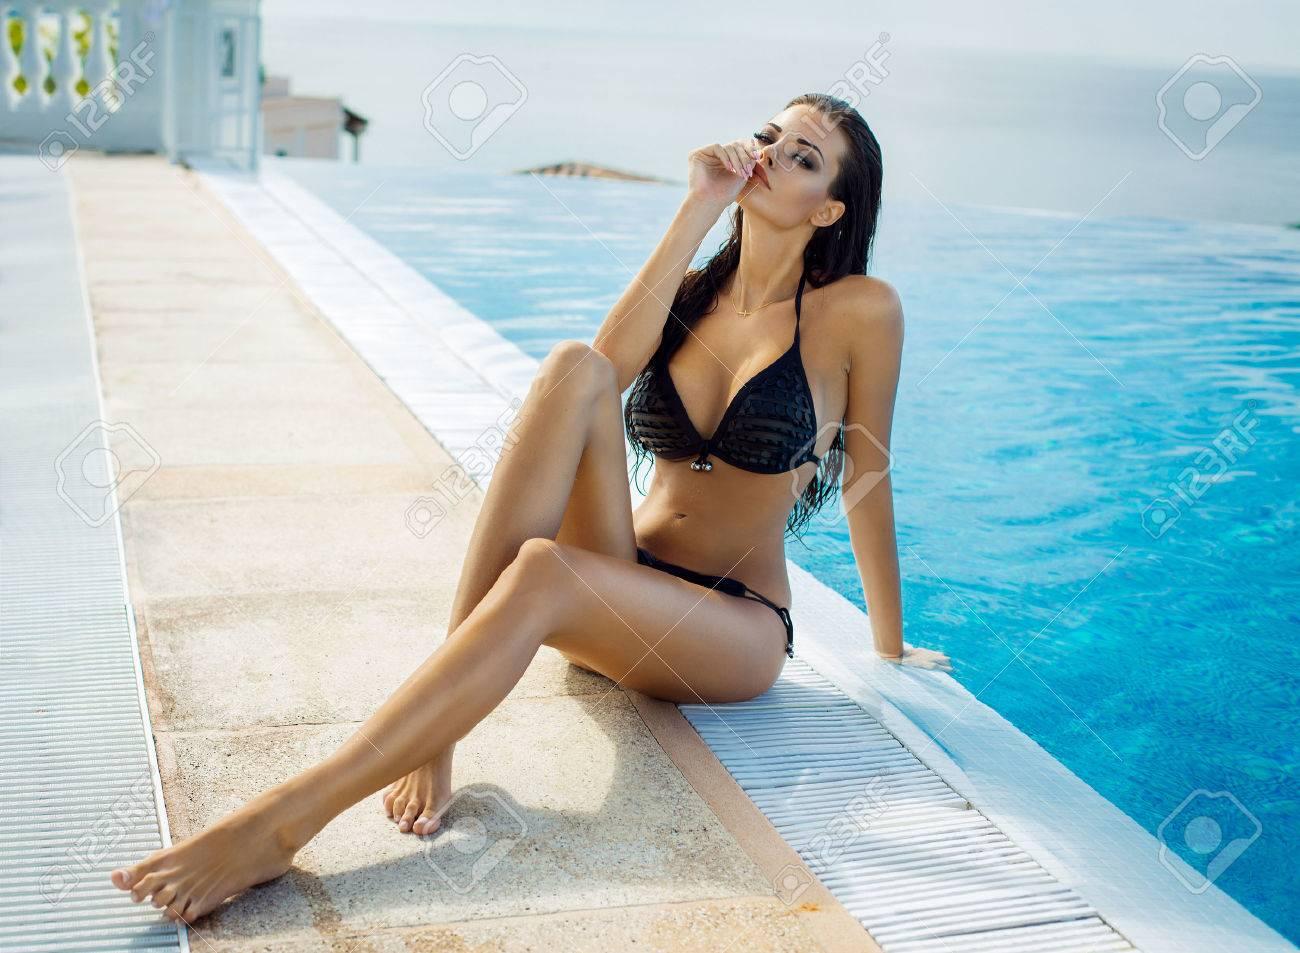 6c4b788560ce Belle femme portant un bikini noir au bord de la piscine dans un paysage  d'été